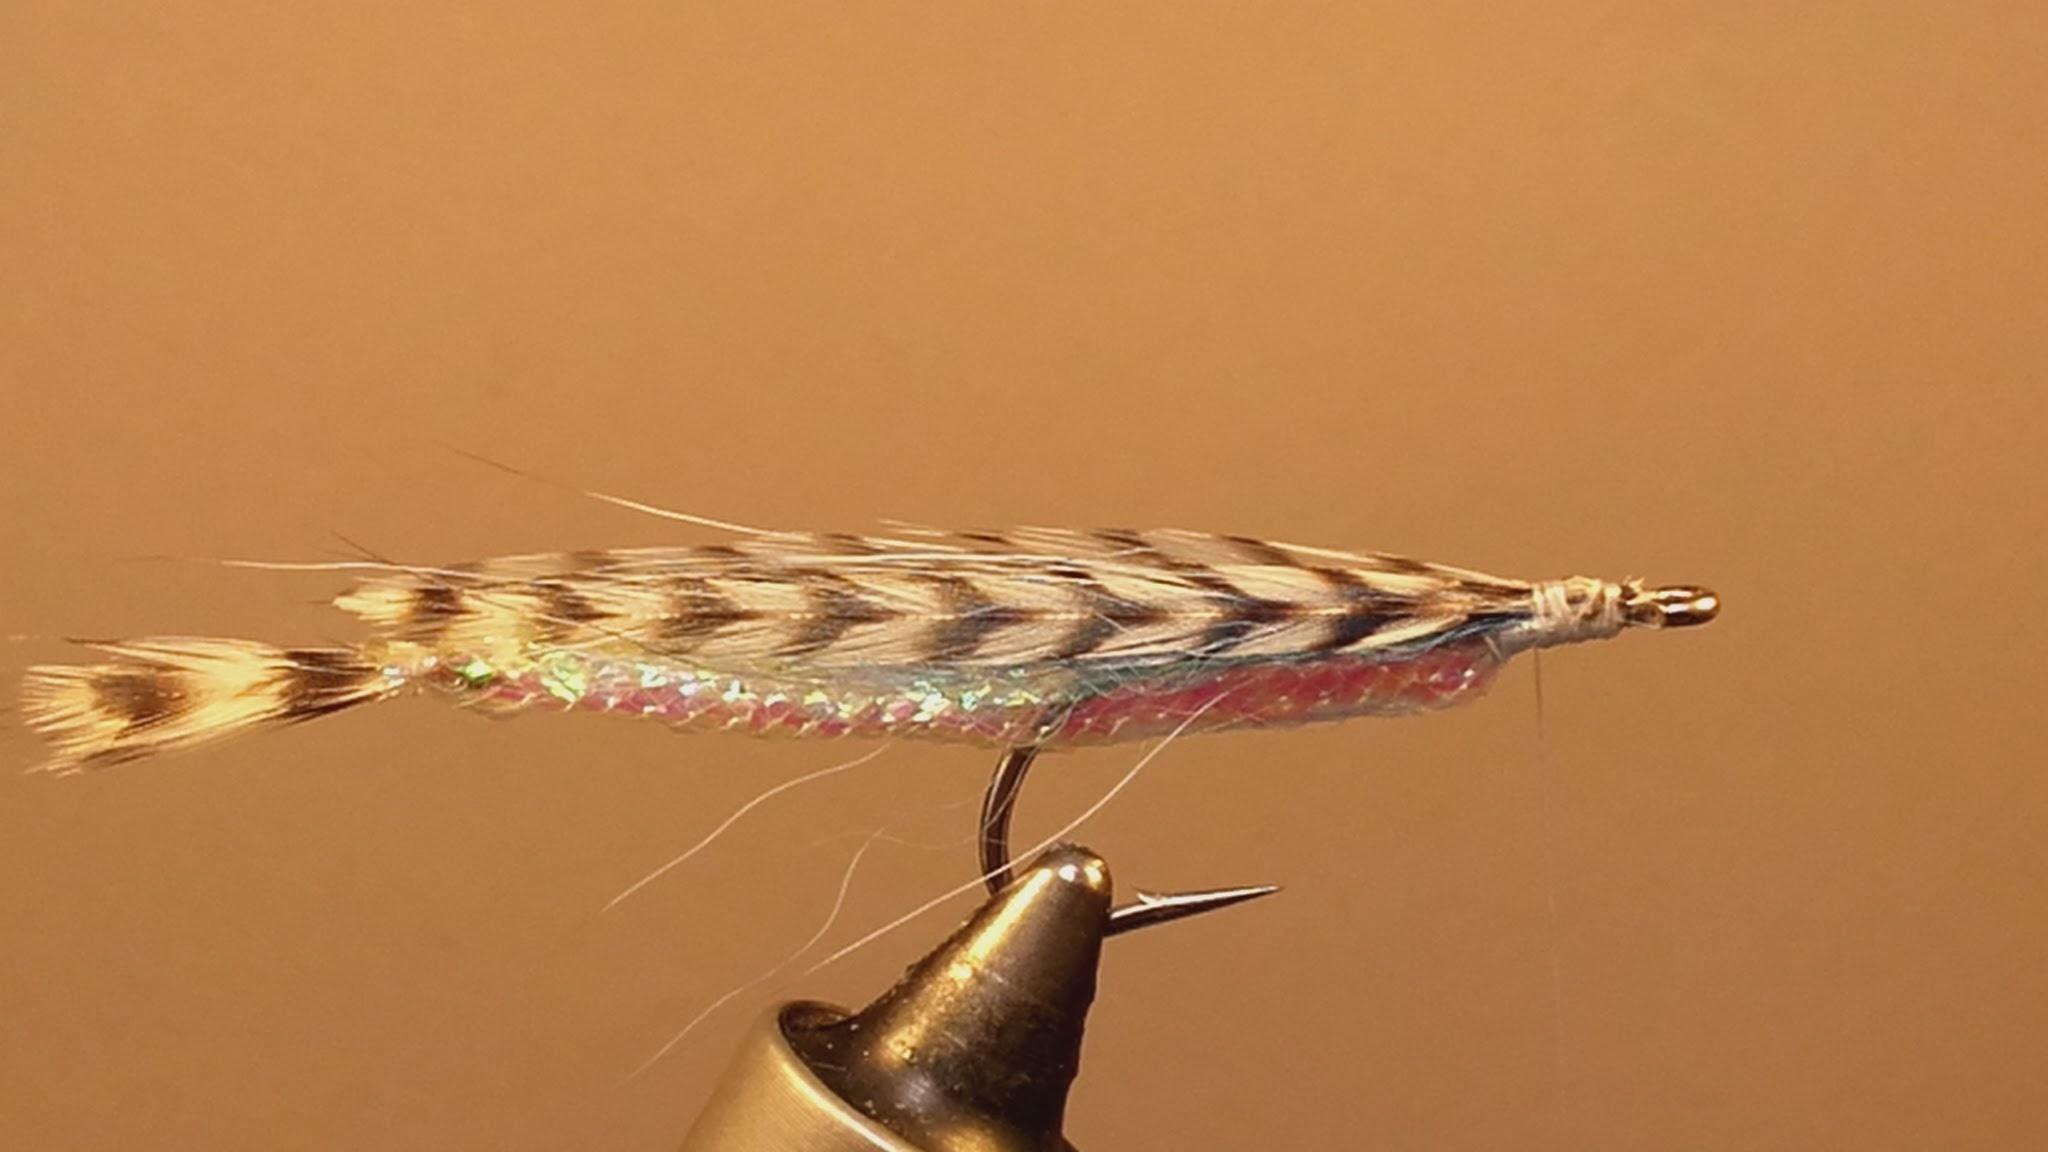 5. Na pęczku włosia układam w daszek parę piór szyjnych koguta grizzly - powinny sięgać do końca mylaru.